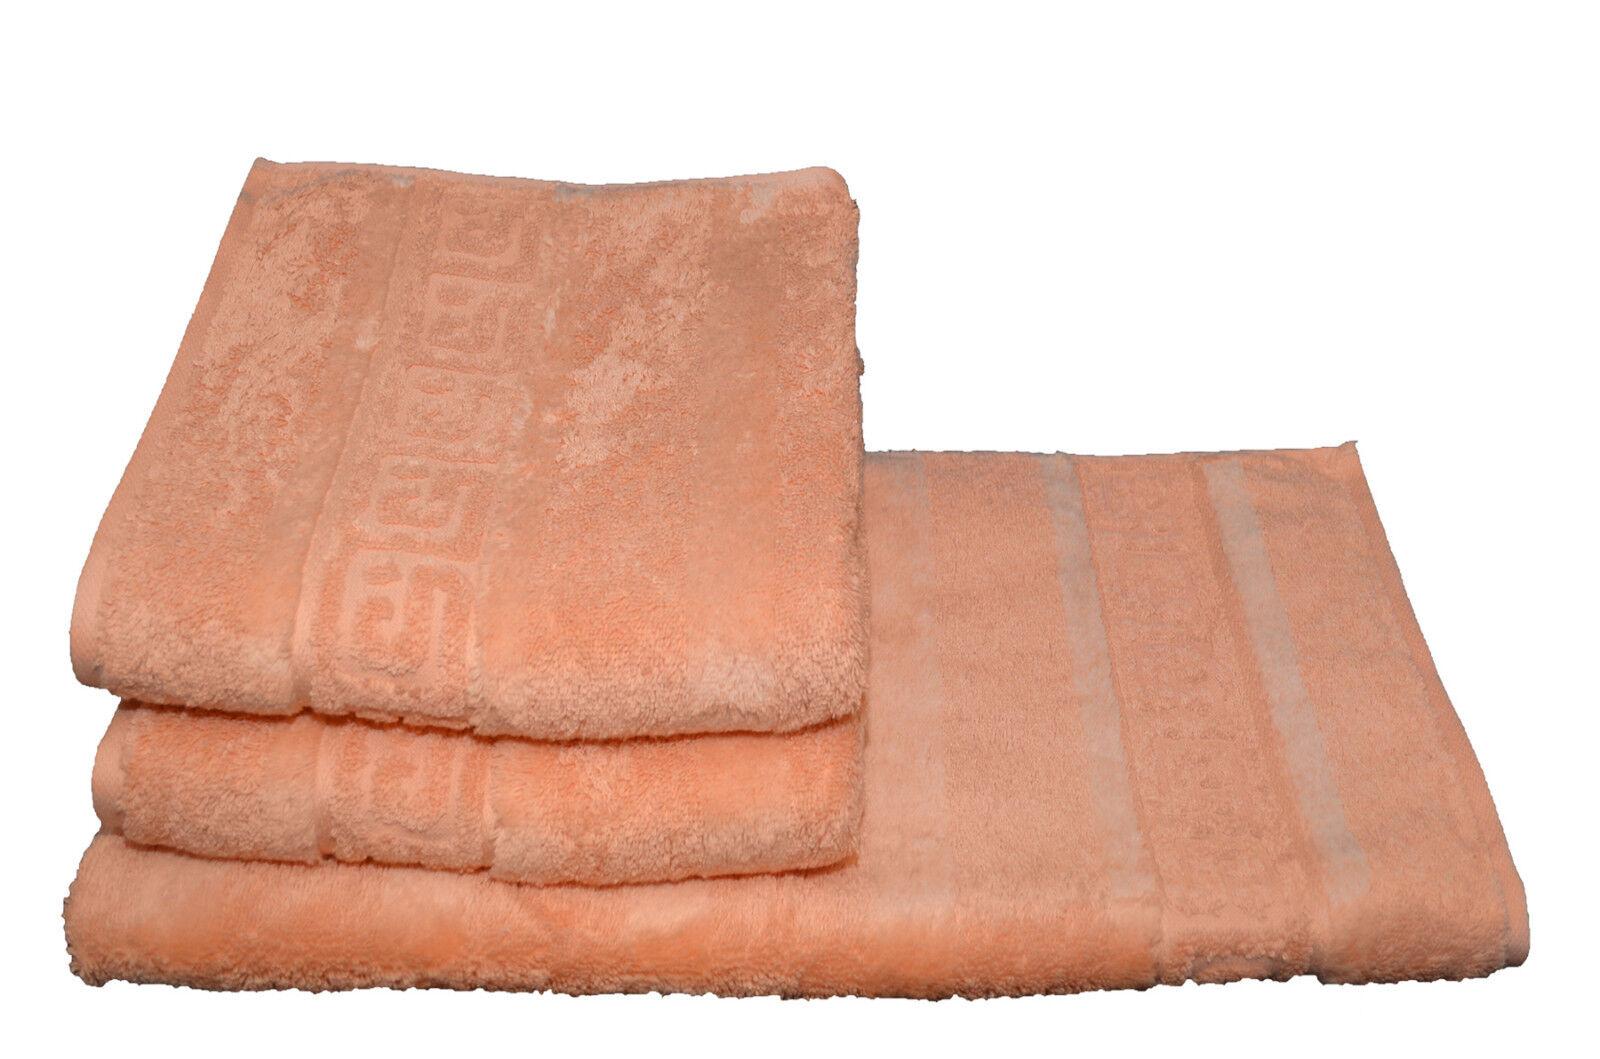 Cawö Noblesse 6x Handtuch Gr. 50 x 100   368 lachs SONDERPREIS online kaufen neu | Feine Verarbeitung